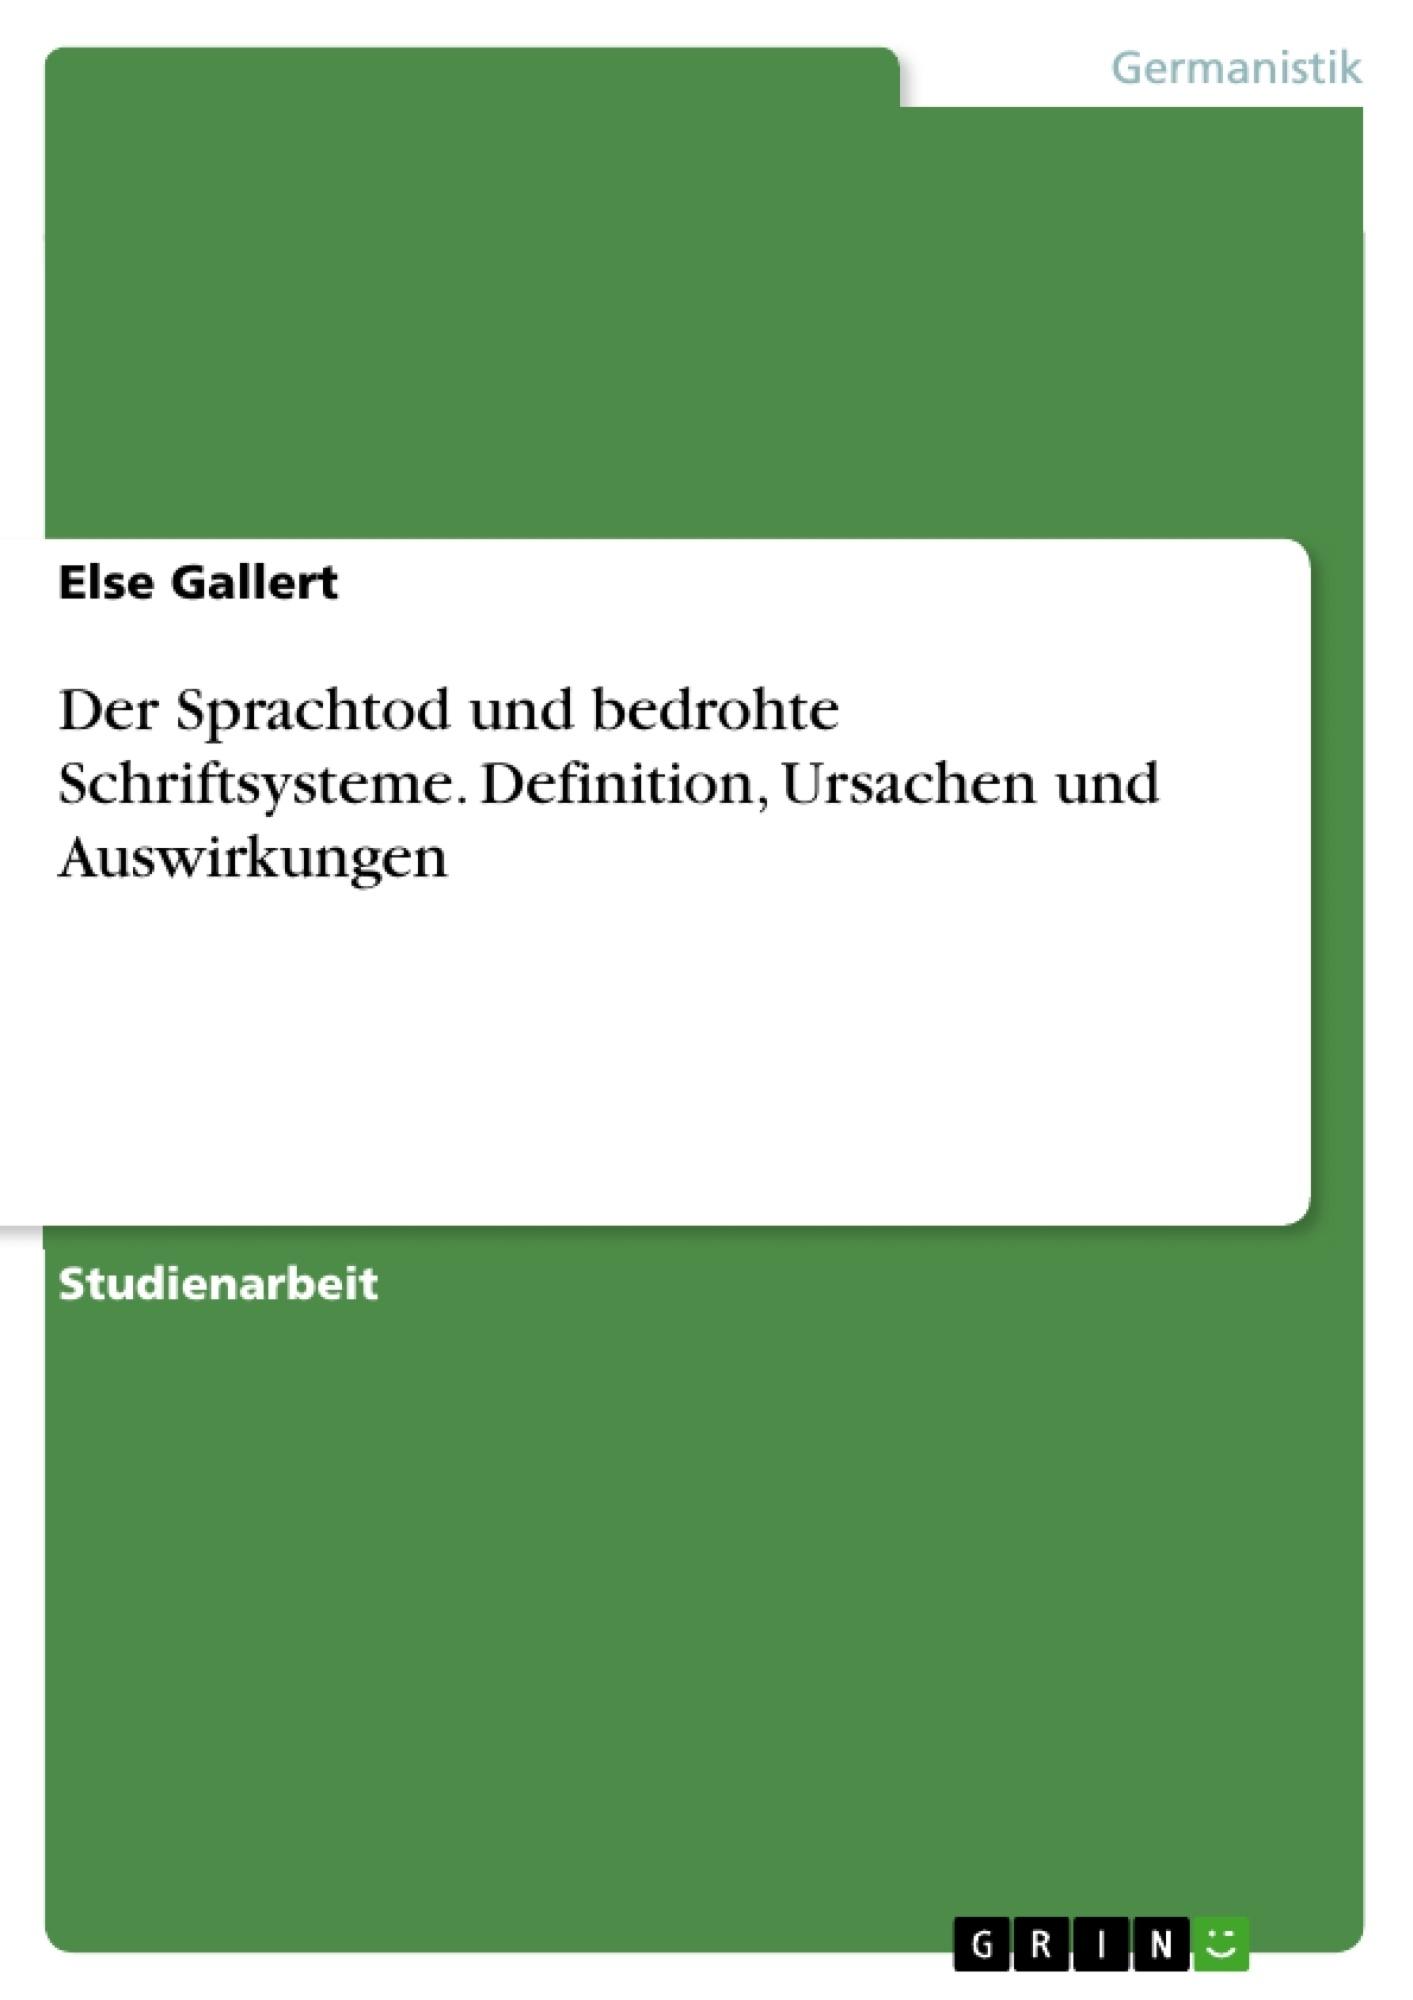 Titel: Der Sprachtod und bedrohte Schriftsysteme. Definition, Ursachen und Auswirkungen